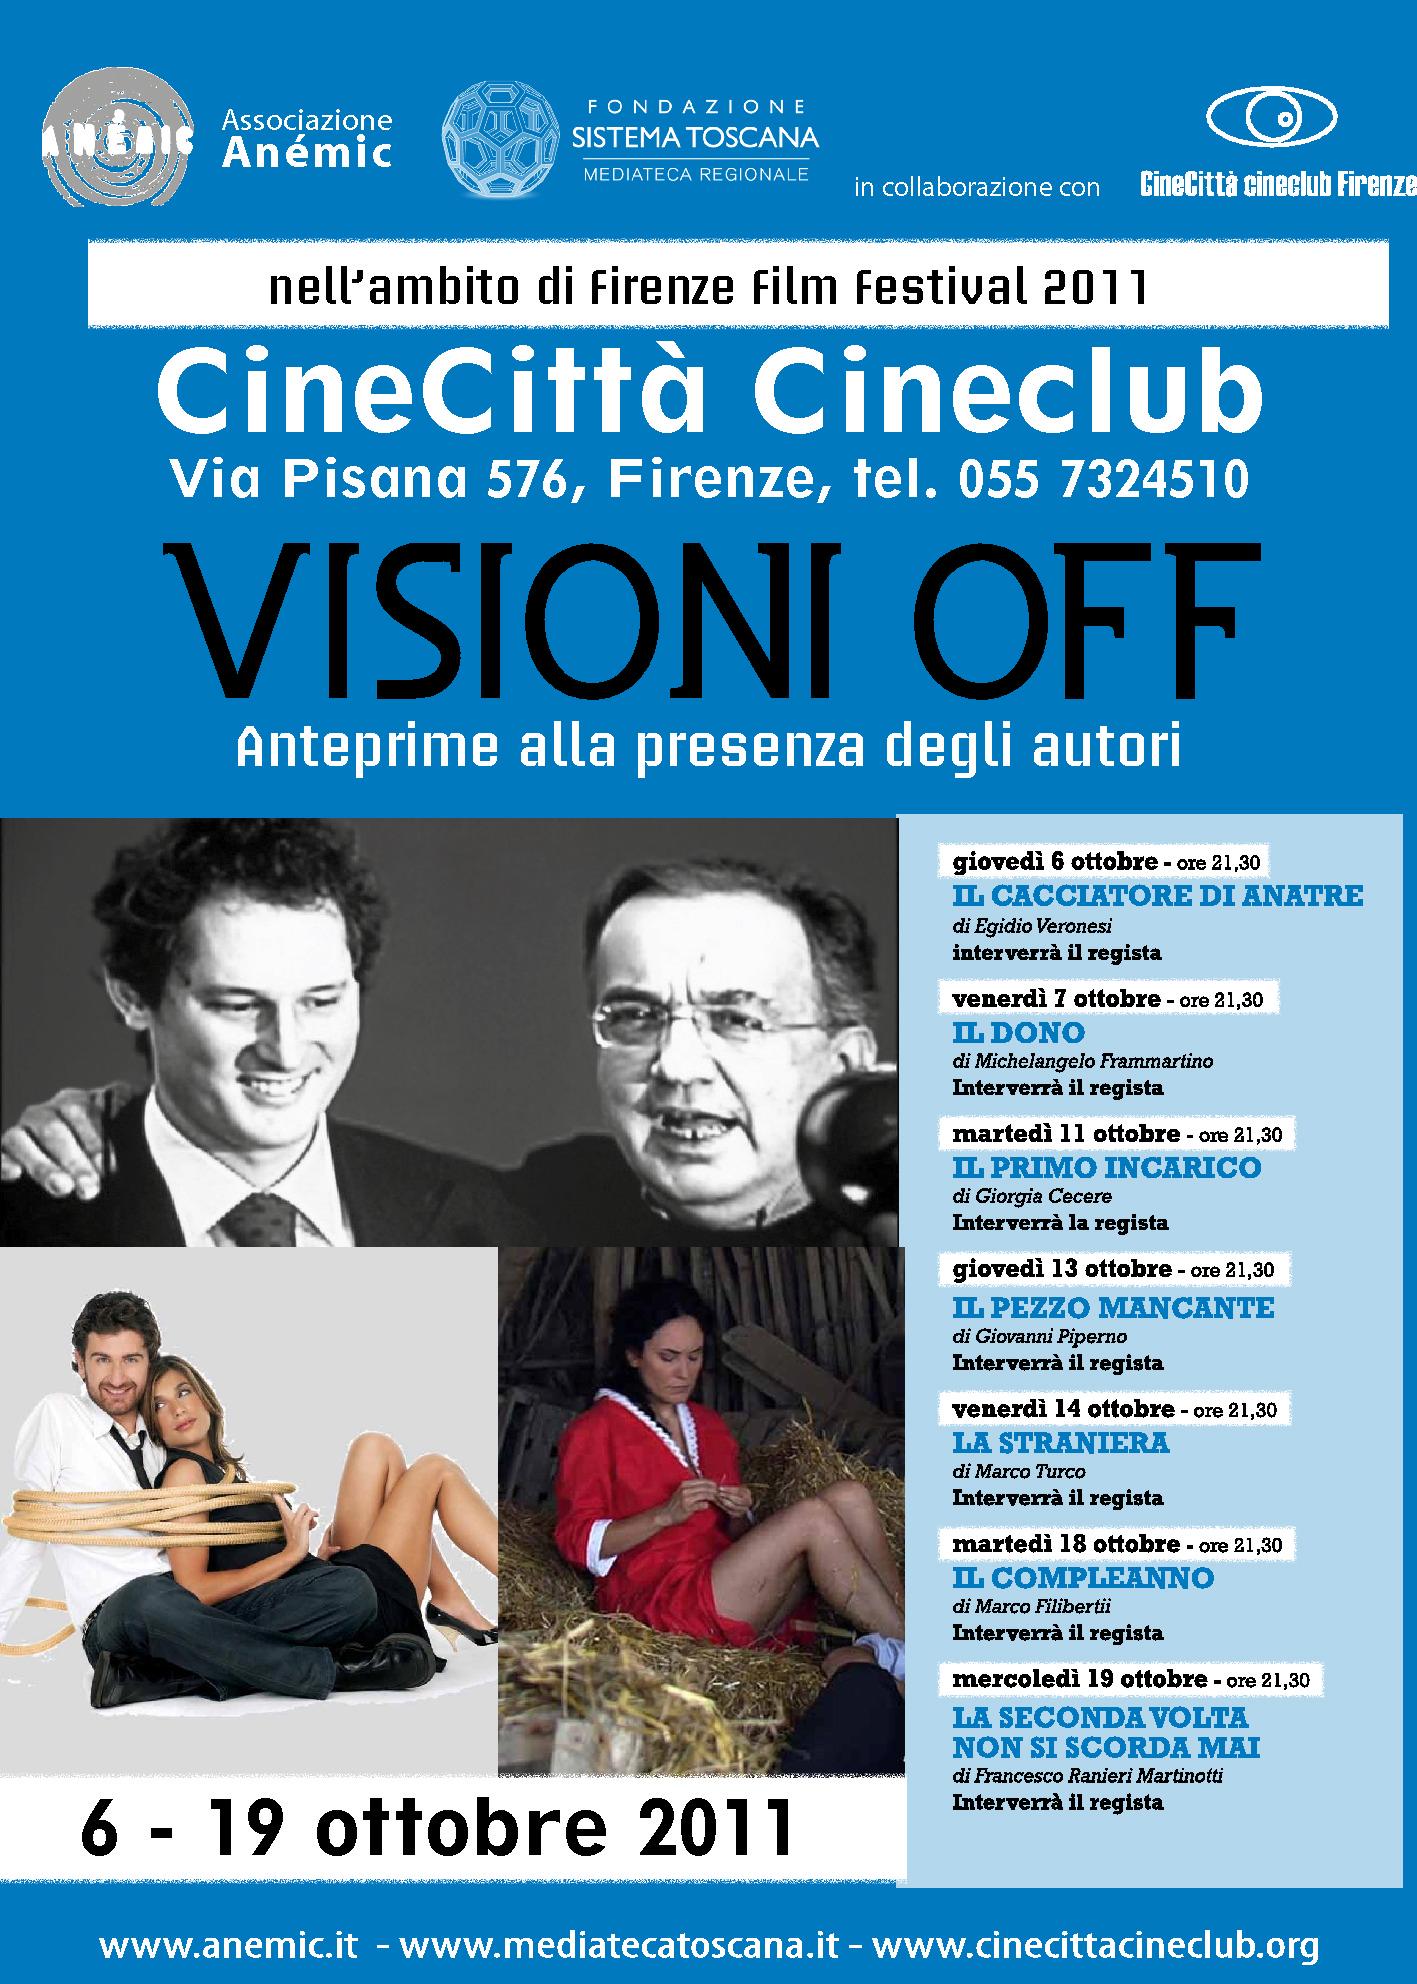 Visioni Off 2011